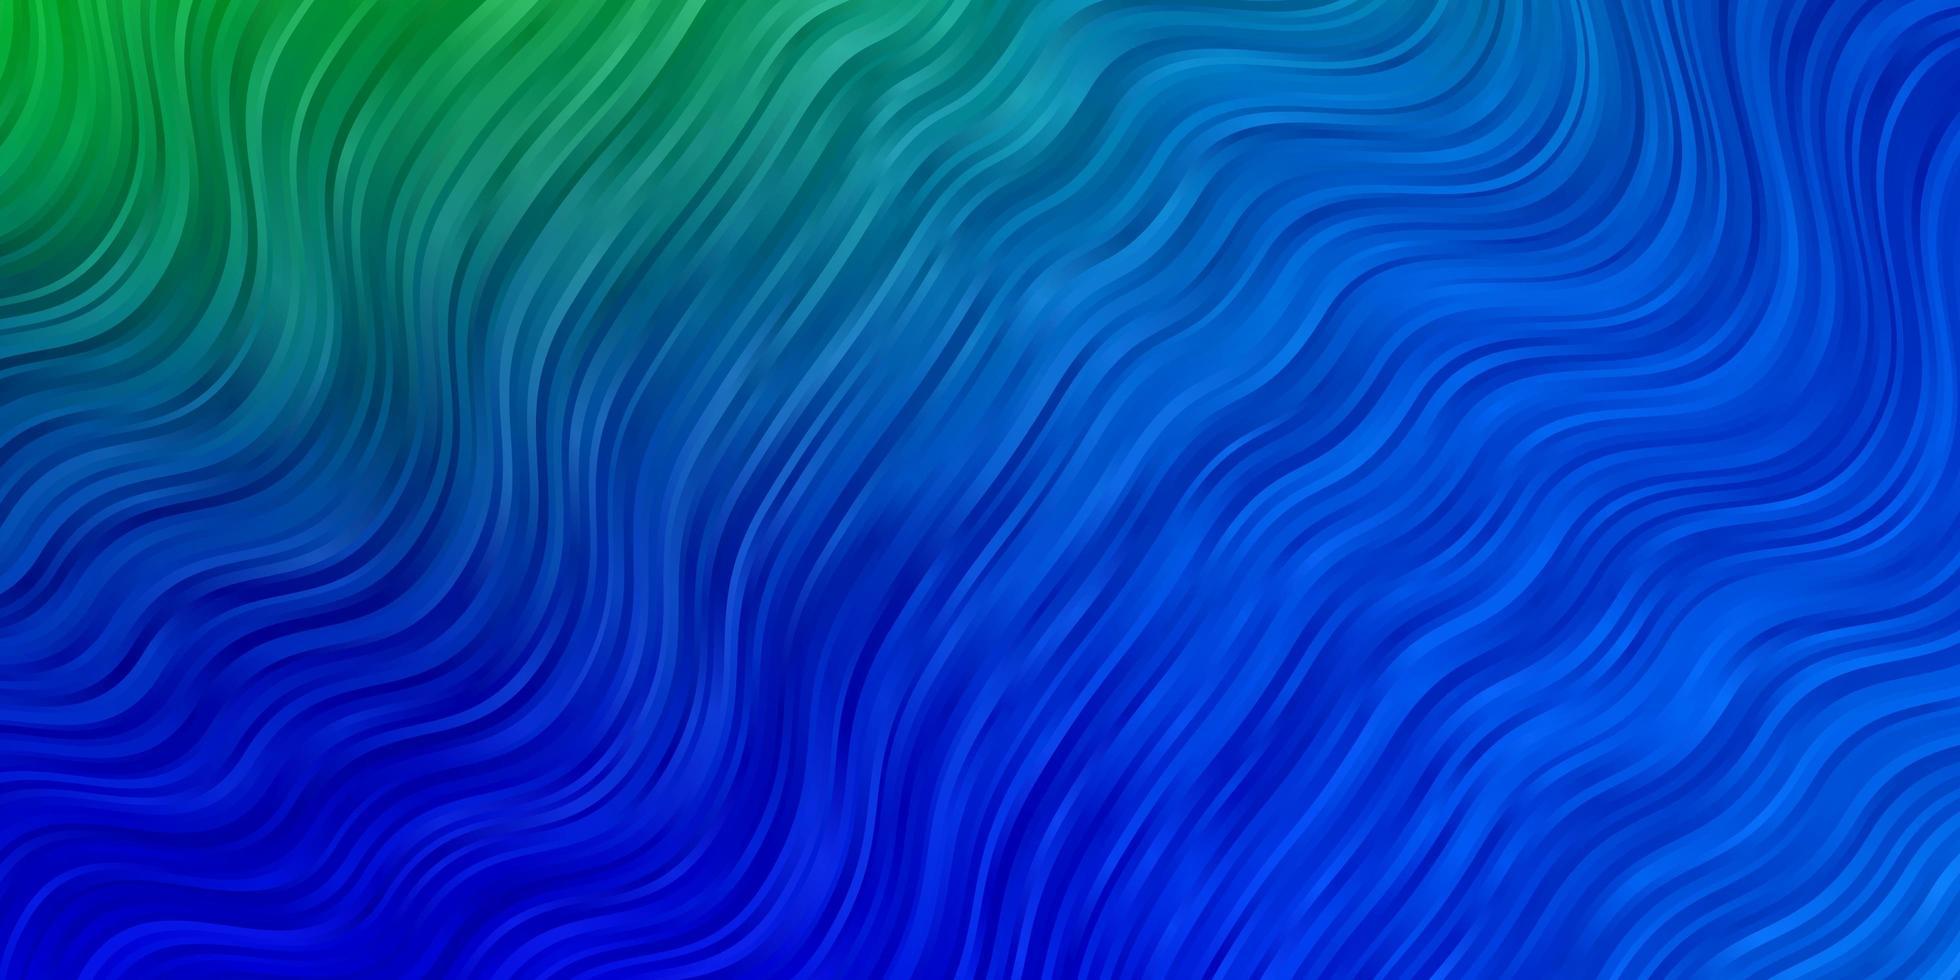 Fondo de vector azul claro, verde con líneas torcidas.